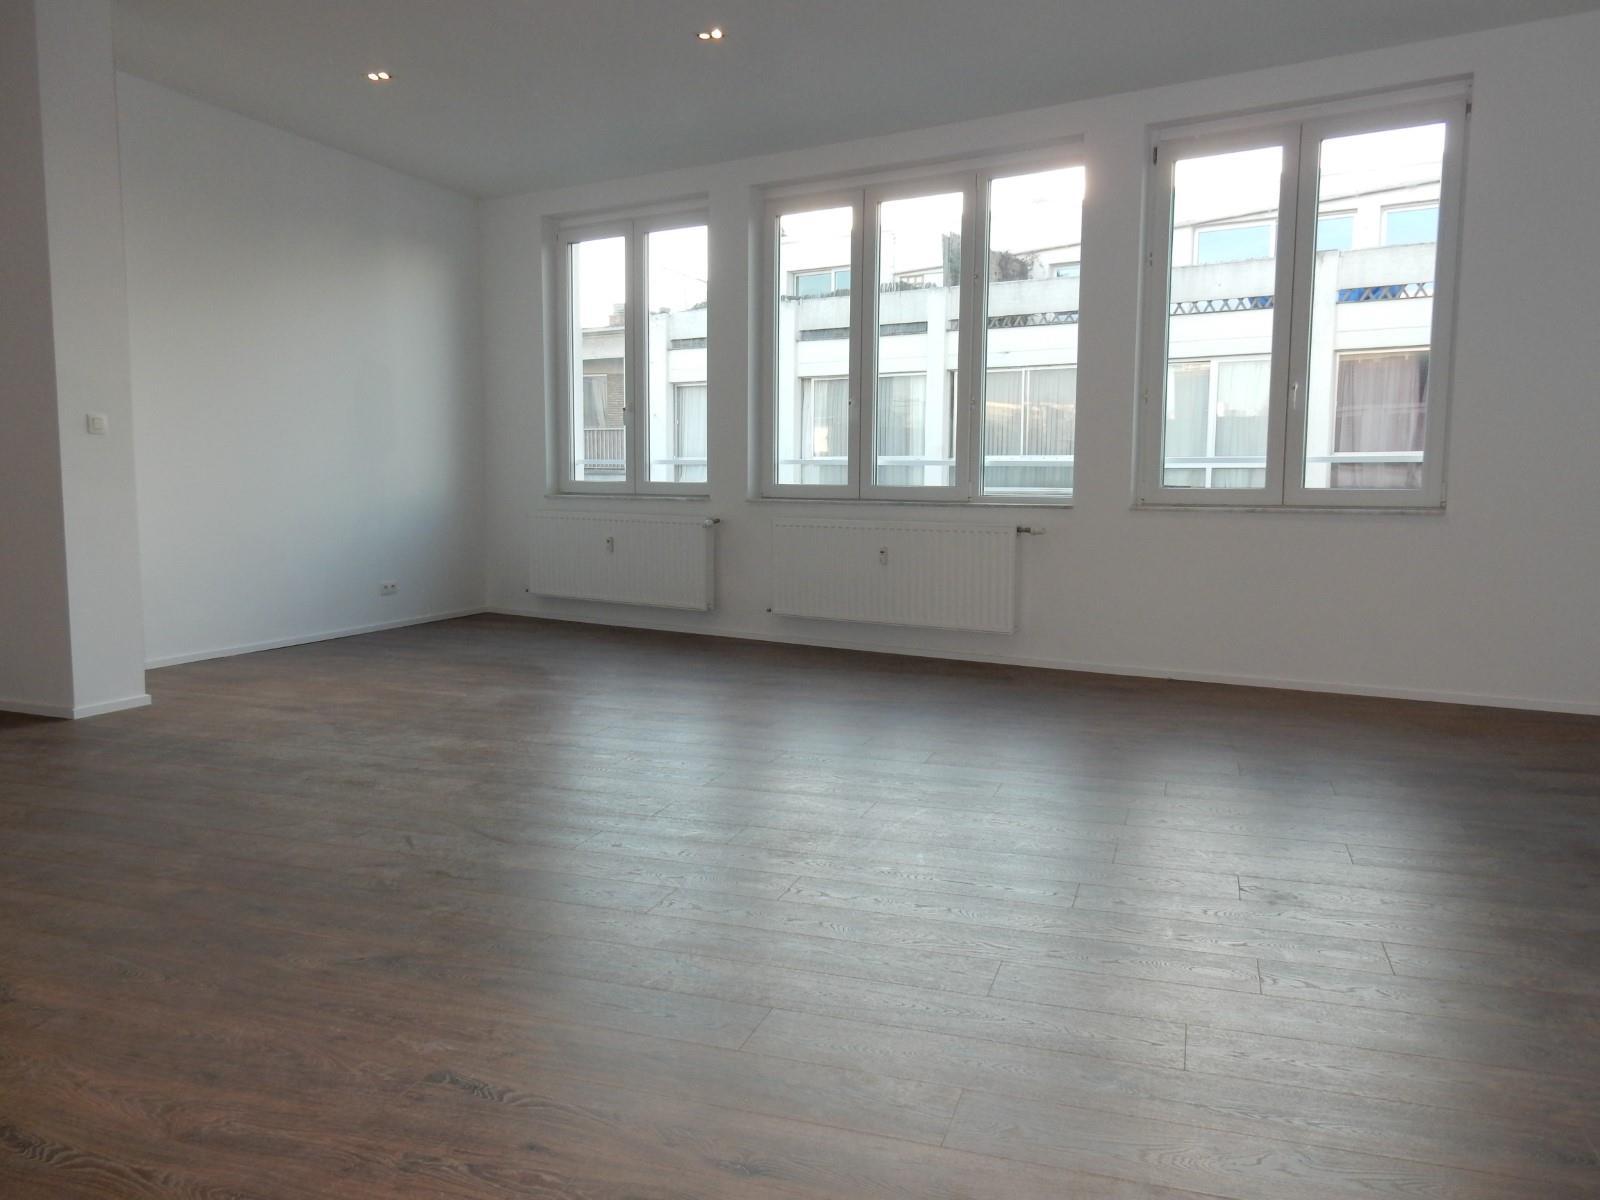 Flat - Ixelles - #2991900-2